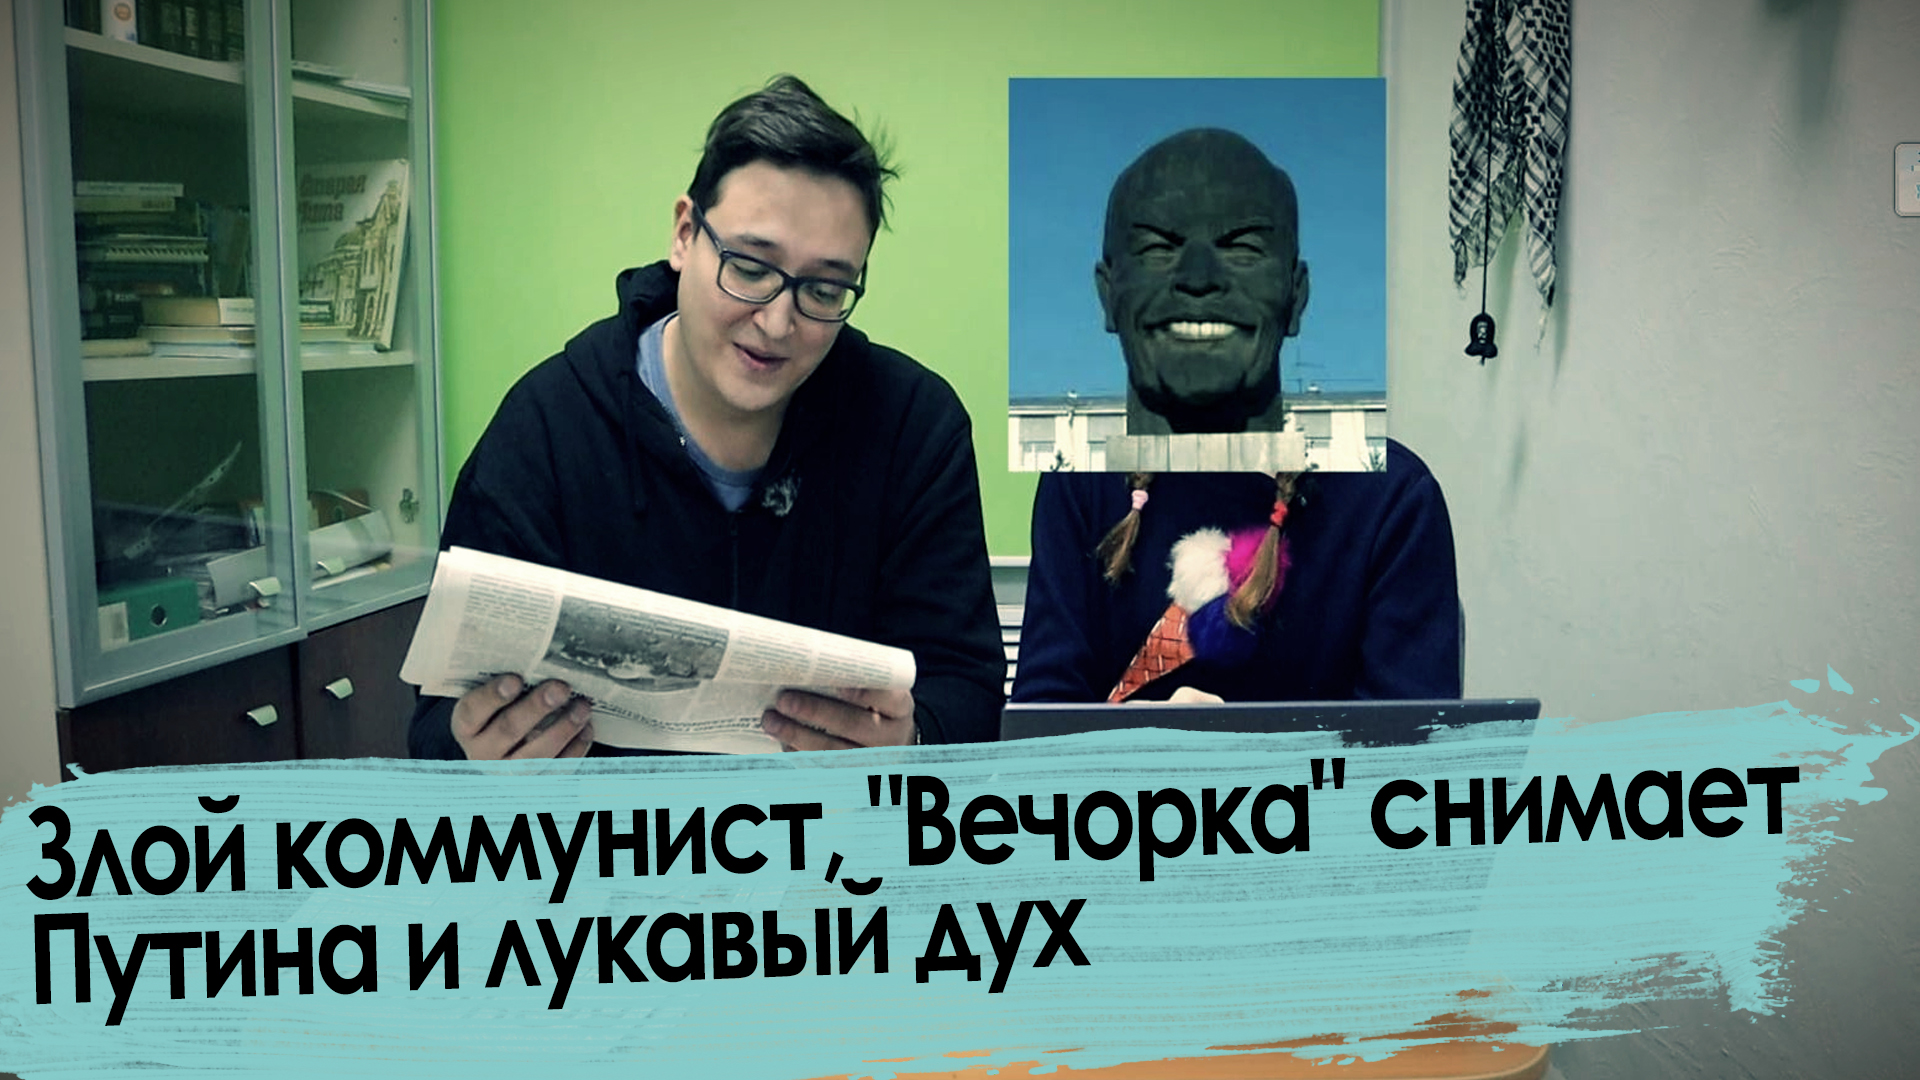 Злой коммунист, «Вечорка» снимает Путина и лукавый дух — обзор писем